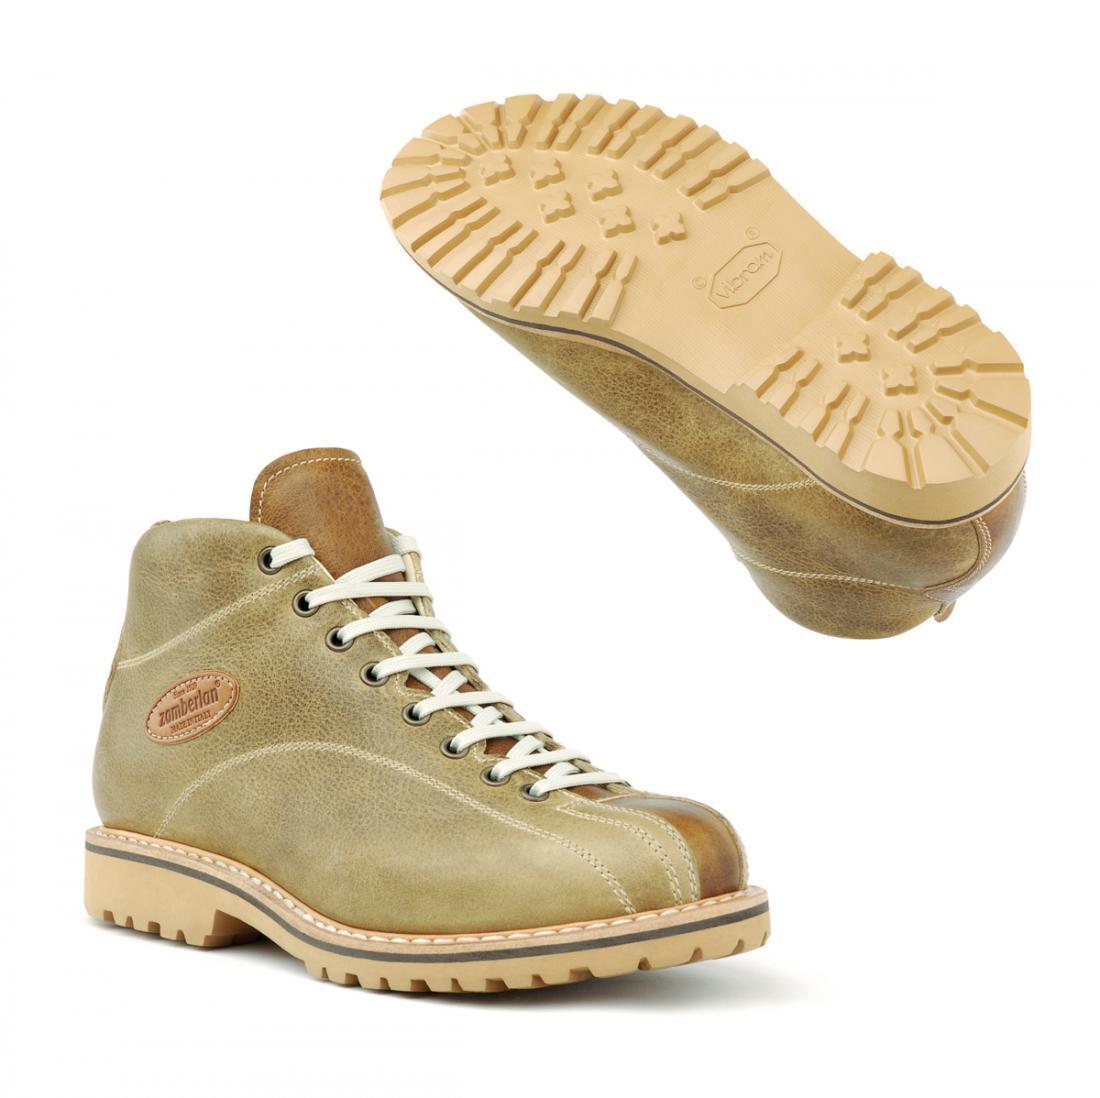 Ботинки 1121 CORTINA MID GW WNSБотинки<br>Современные классические ботинки в городском стиле, созданные вручную мастерами Италии с применением специального метода конструкции Goodyear welted. Удобные и гибкие, они изготовлены с использованием уникальной конструкции обуви, мягкой телячьей кожи и в...<br><br>Цвет: Бежевый<br>Размер: 39